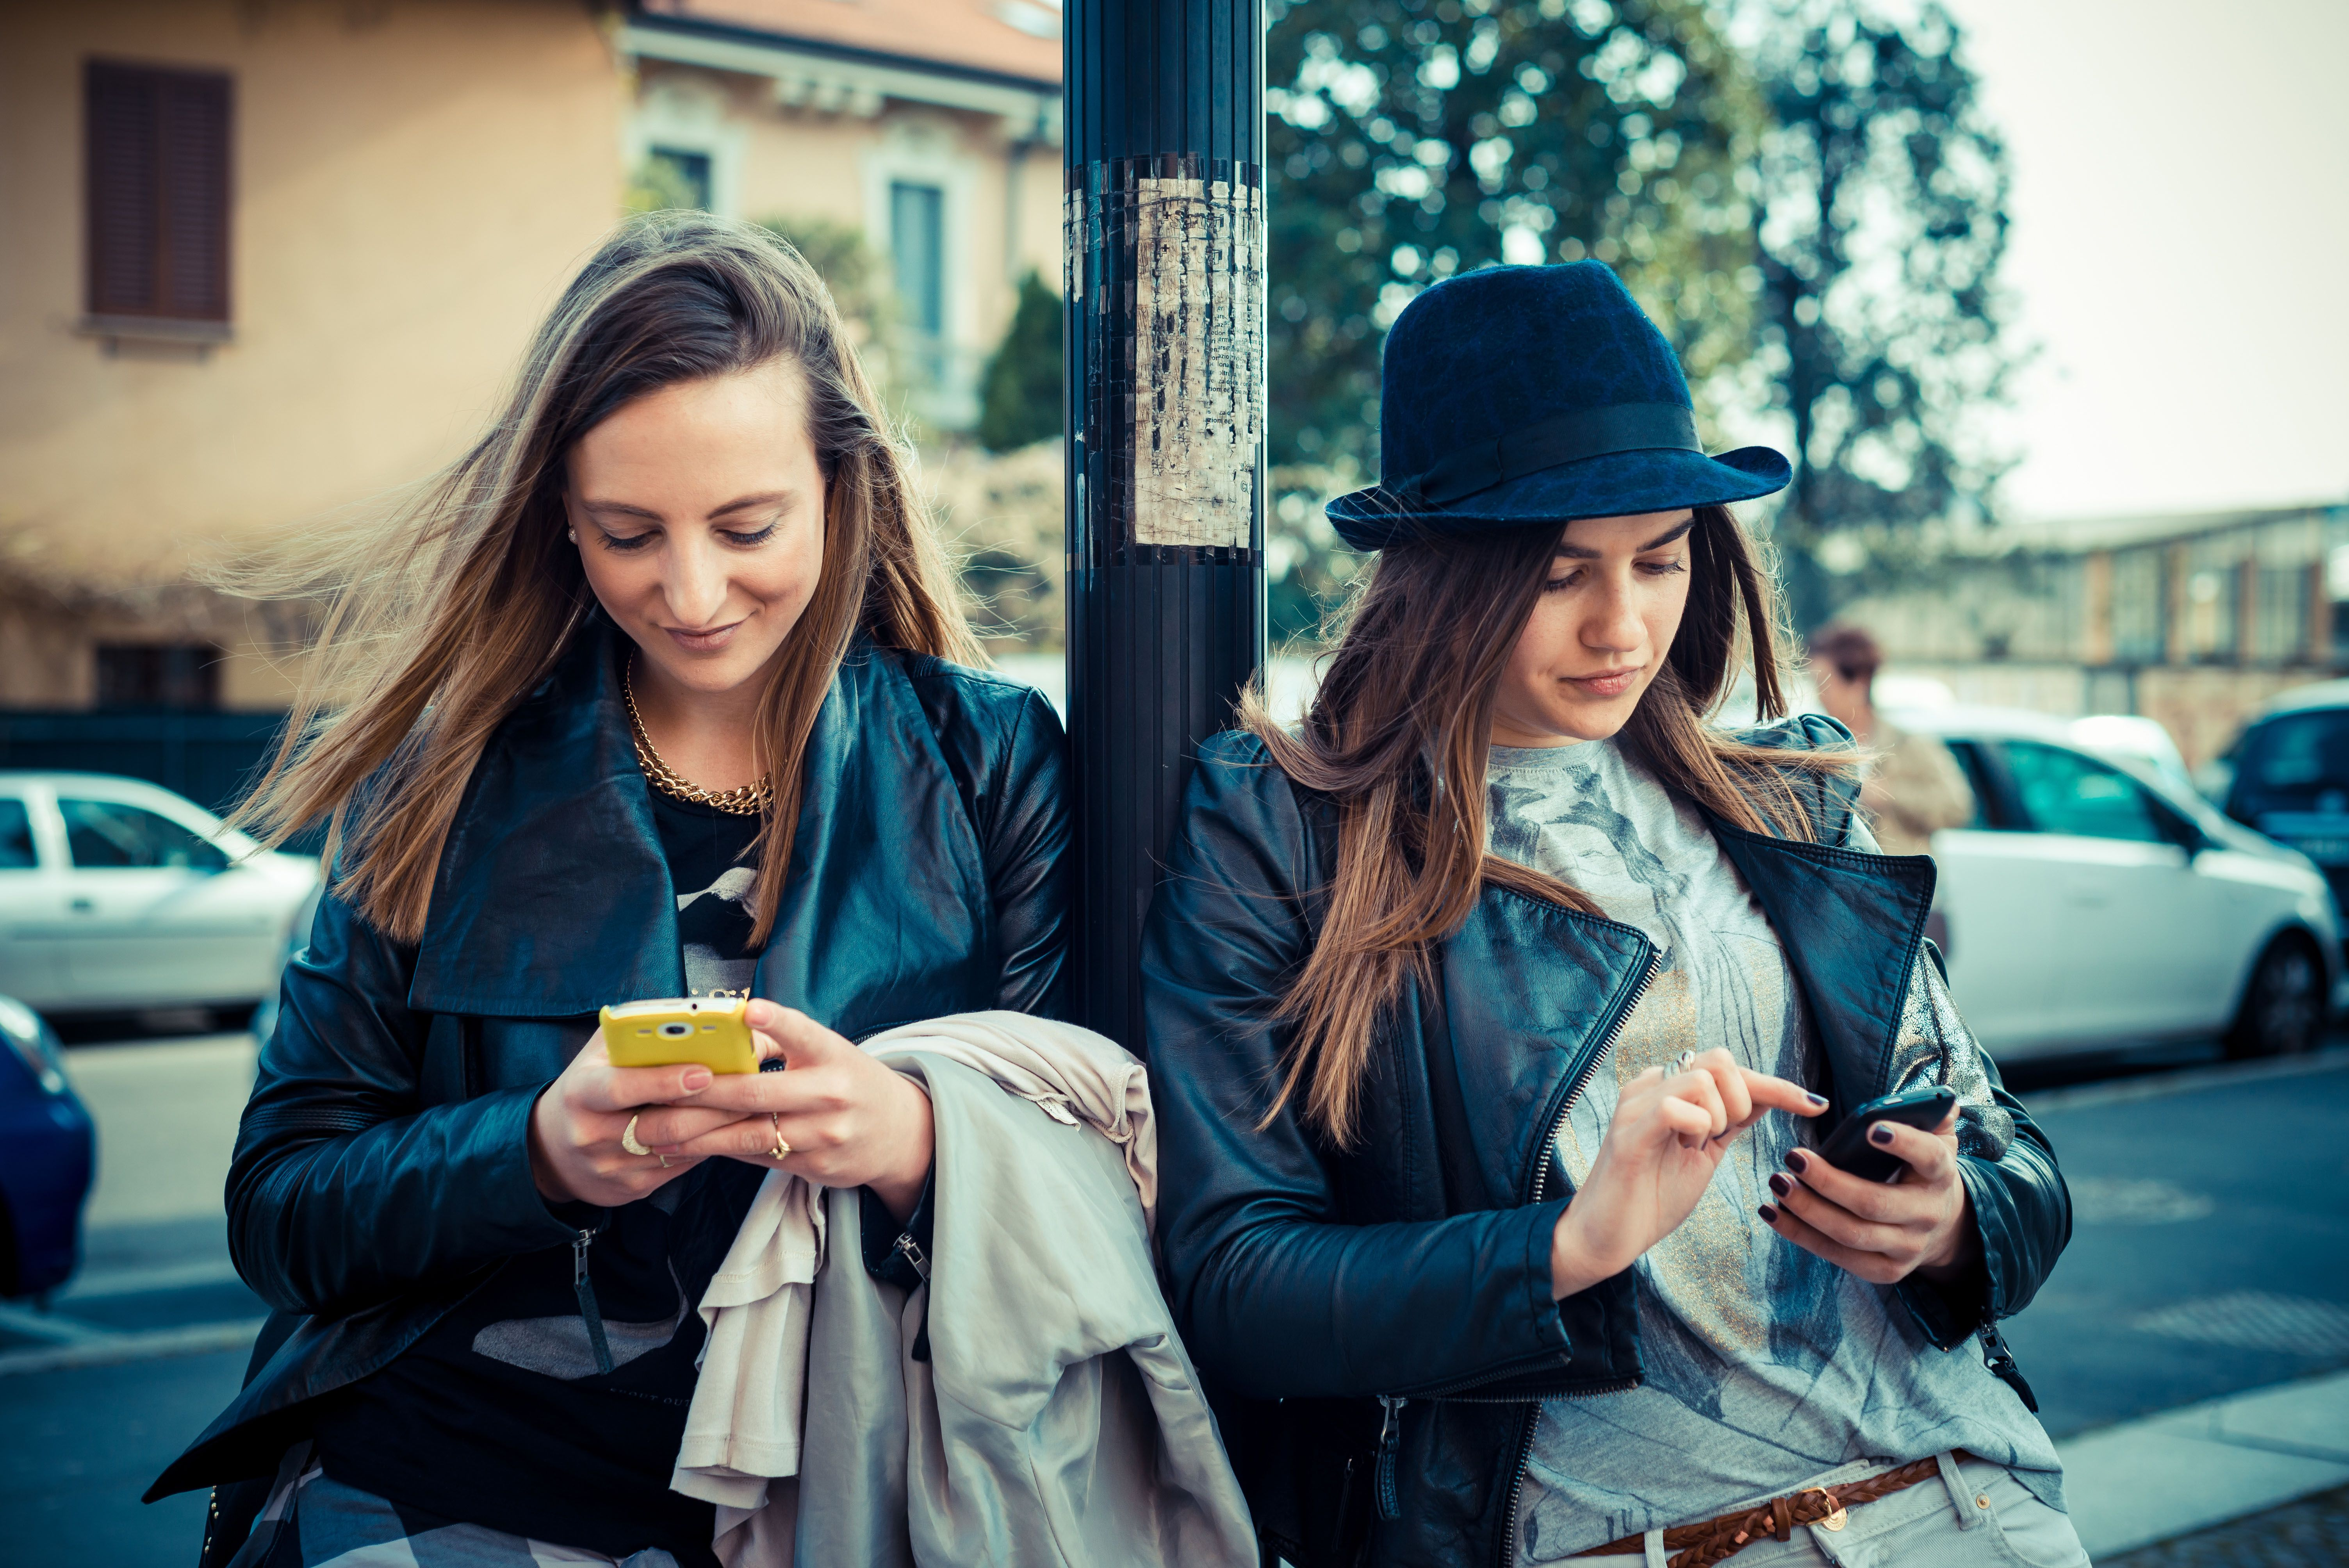 Los consumidores están pasando de consumir productos de moda a consumir experiencias de marca. Las nuevas plataformas y herramientas digitales permiten expresarse de una manera mucho más instantánea y global. No solo se trata de lo que tengo o lo que llevo puesto, sino también de lo que me gusta y deseo...analizamos el fenómeno en este artículo de @edanathan